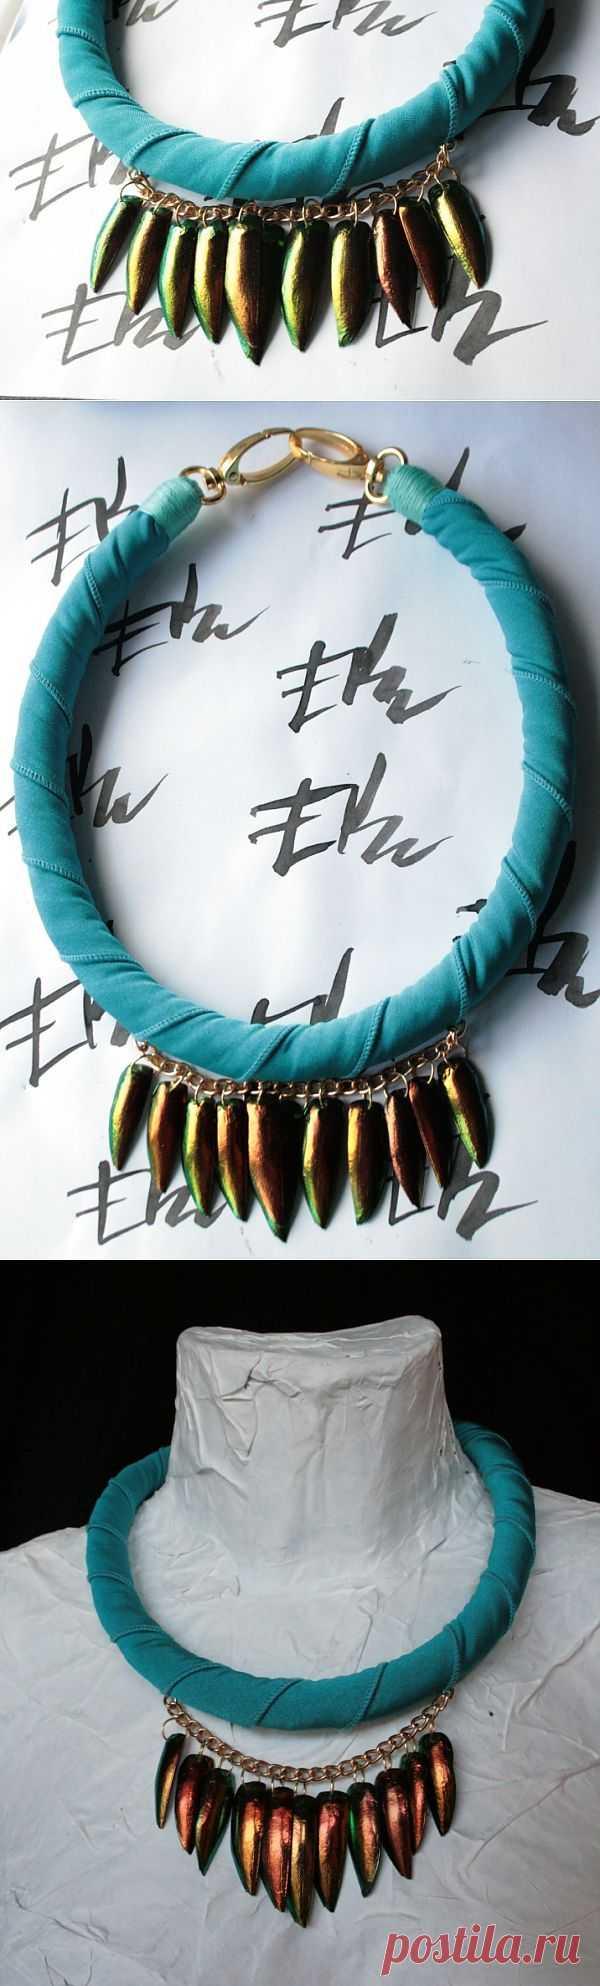 Опыт работы с крыльями жука / Материалы, техники и инструменты / Модный сайт о стильной переделке одежды и интерьера